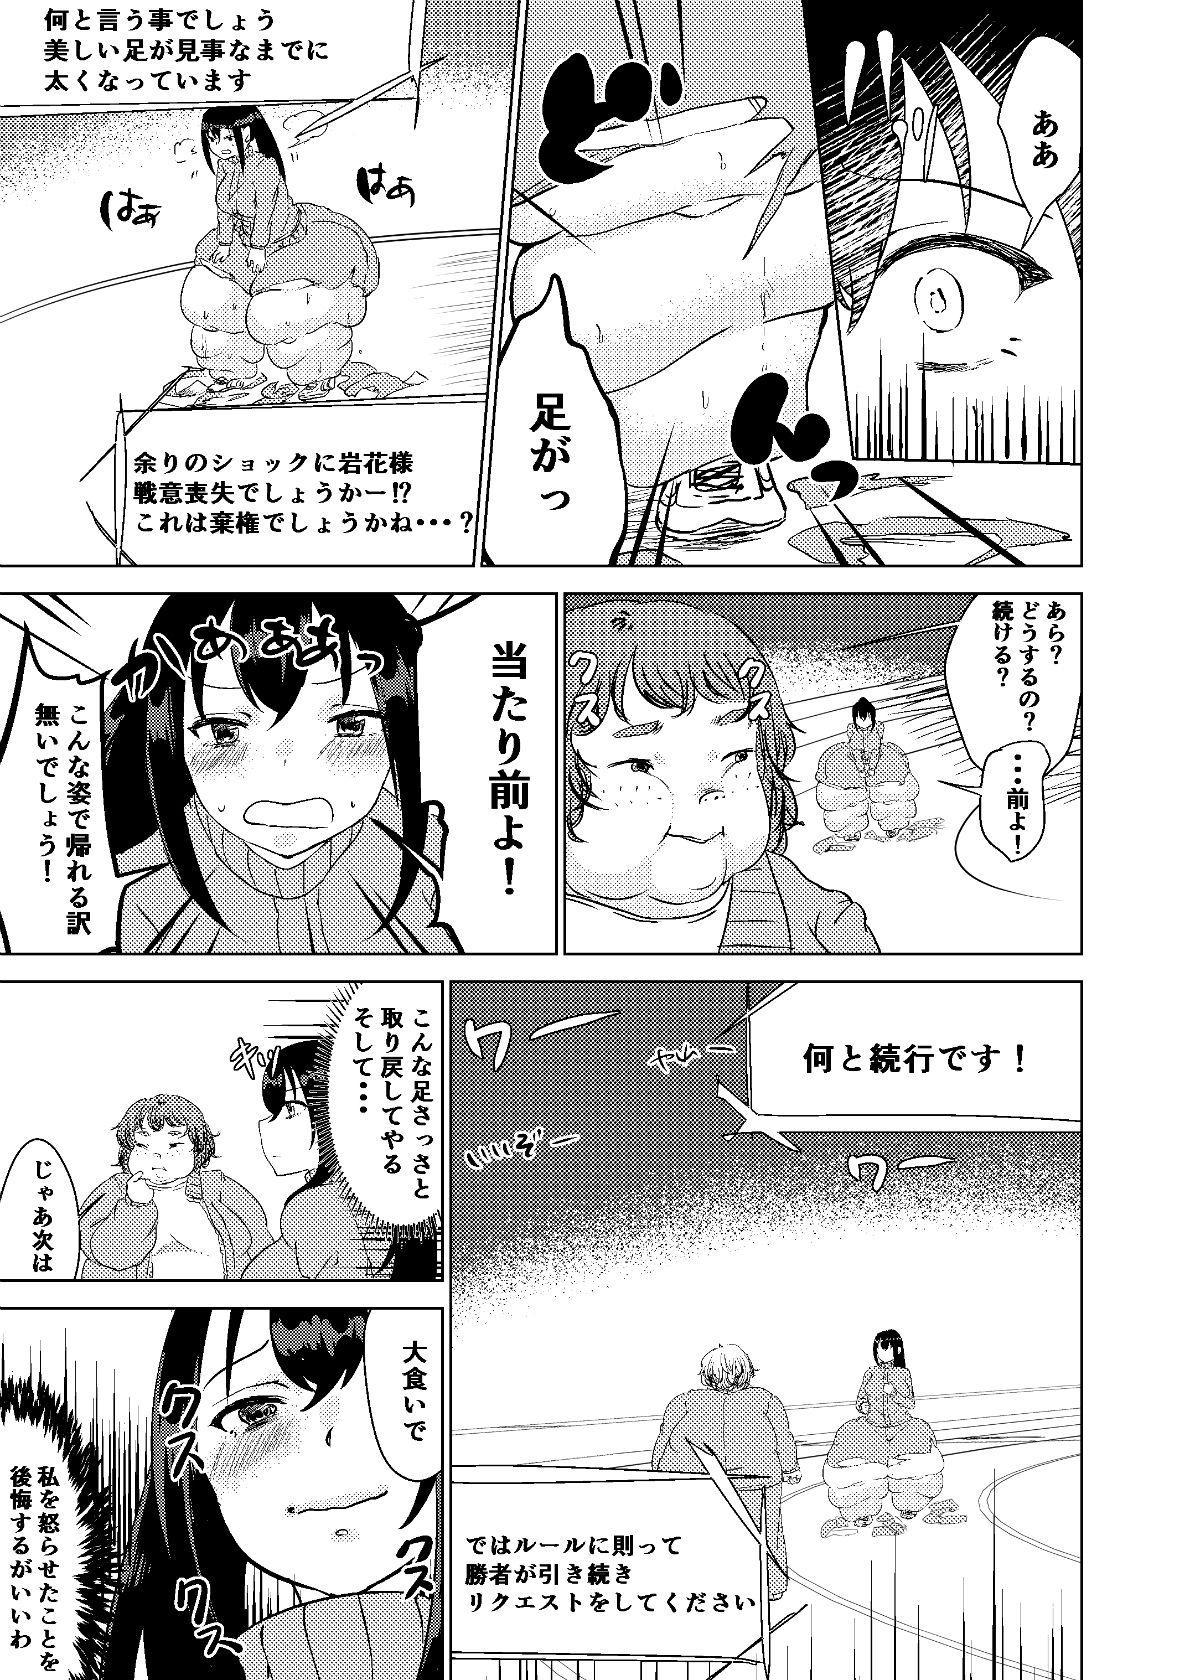 Kyou kara Watashi wa Anata ni Naru. 12